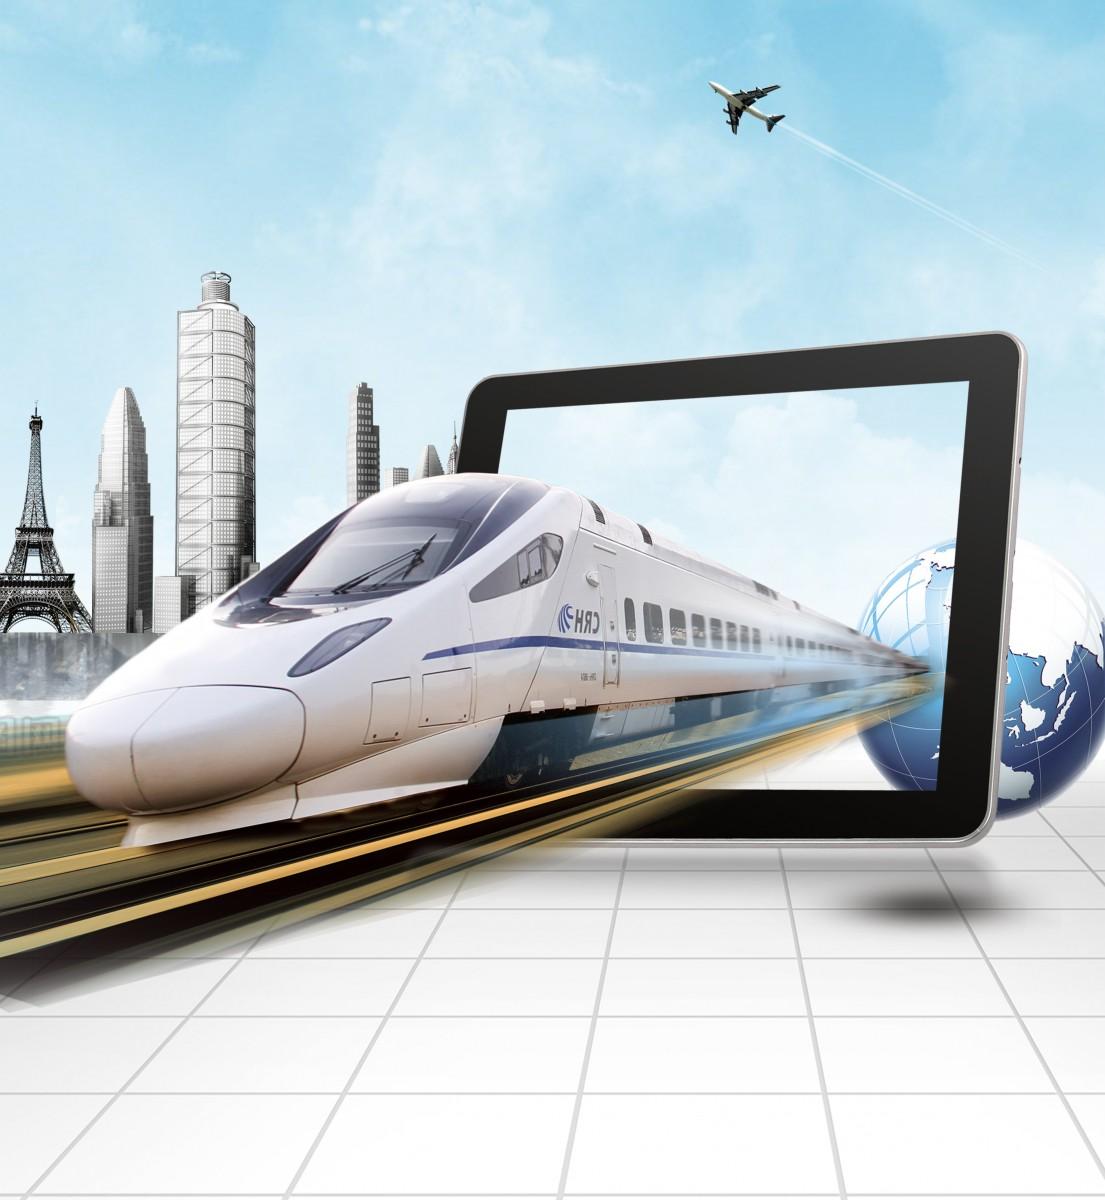 【资讯】好消息!明年起全国高铁或将实现刷证进站